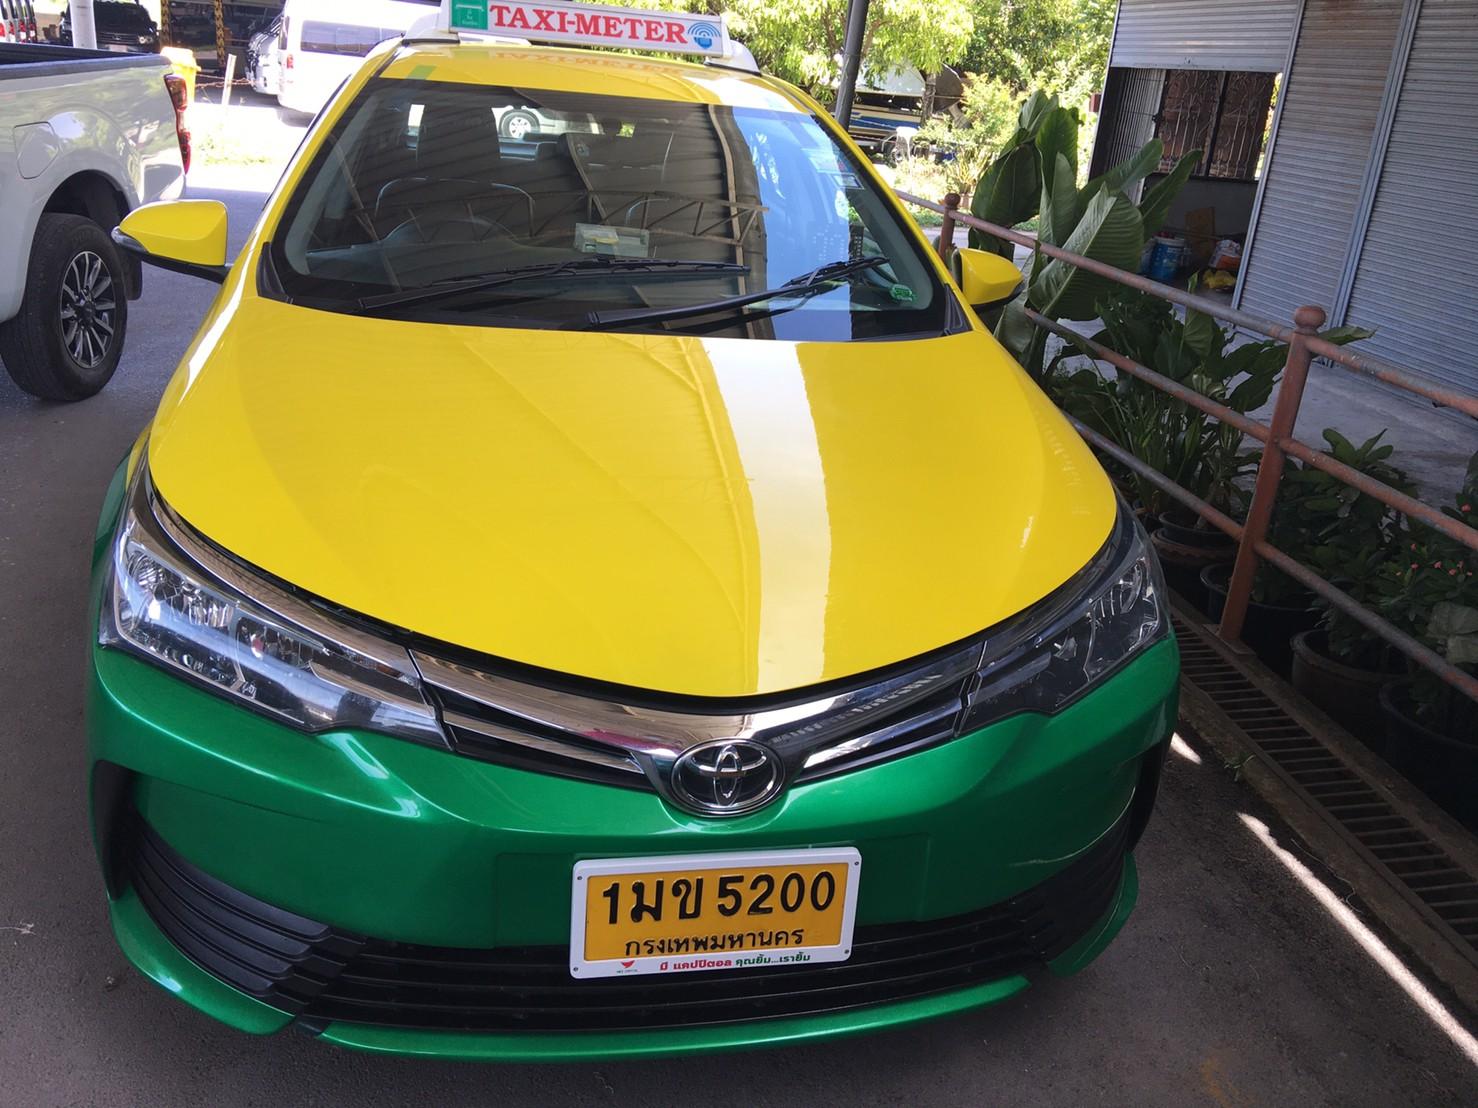 ซื้อขายแท็กซี่มือสอง | สินเชื่อรถแท็กซี่ | รับจัดไฟแนนซ์ | Meecapital | มี แคปปิตอล | Taxi showroom | แท็กซี่โชว์รูม| NEW